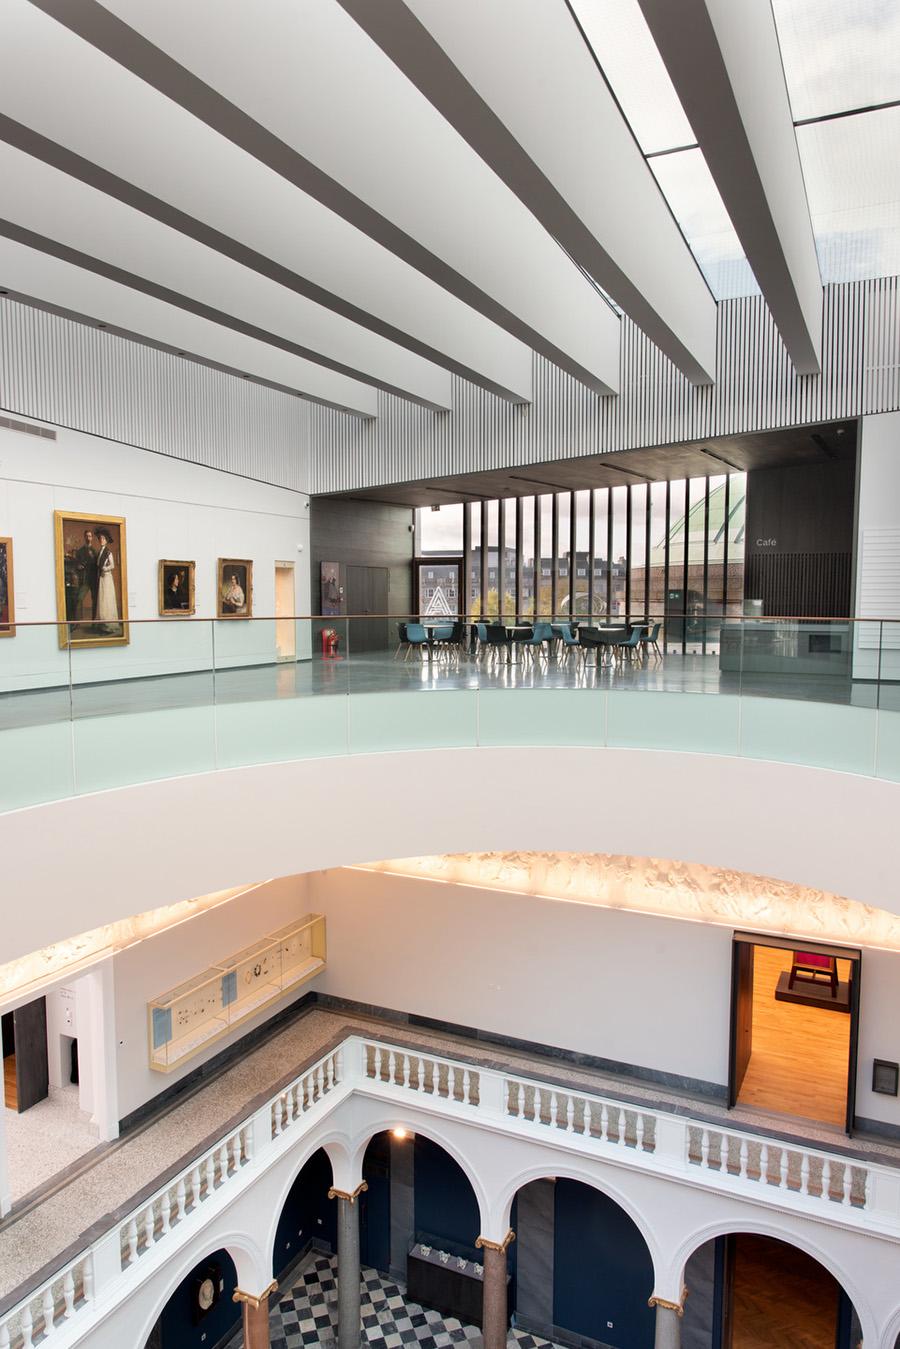 © Aberdeen City Council Aberdeen Art Gallery Museums